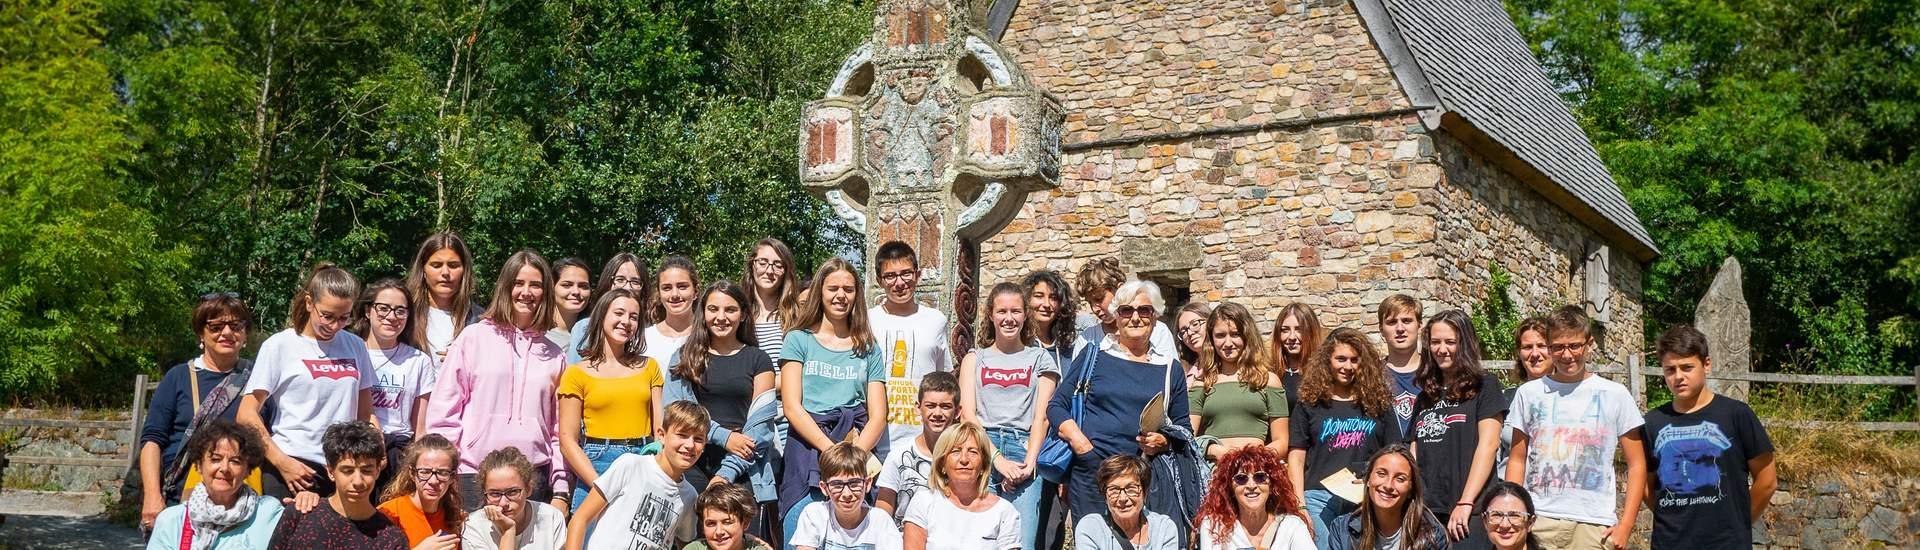 Englisch Schülersprachreise Wexford, Irland